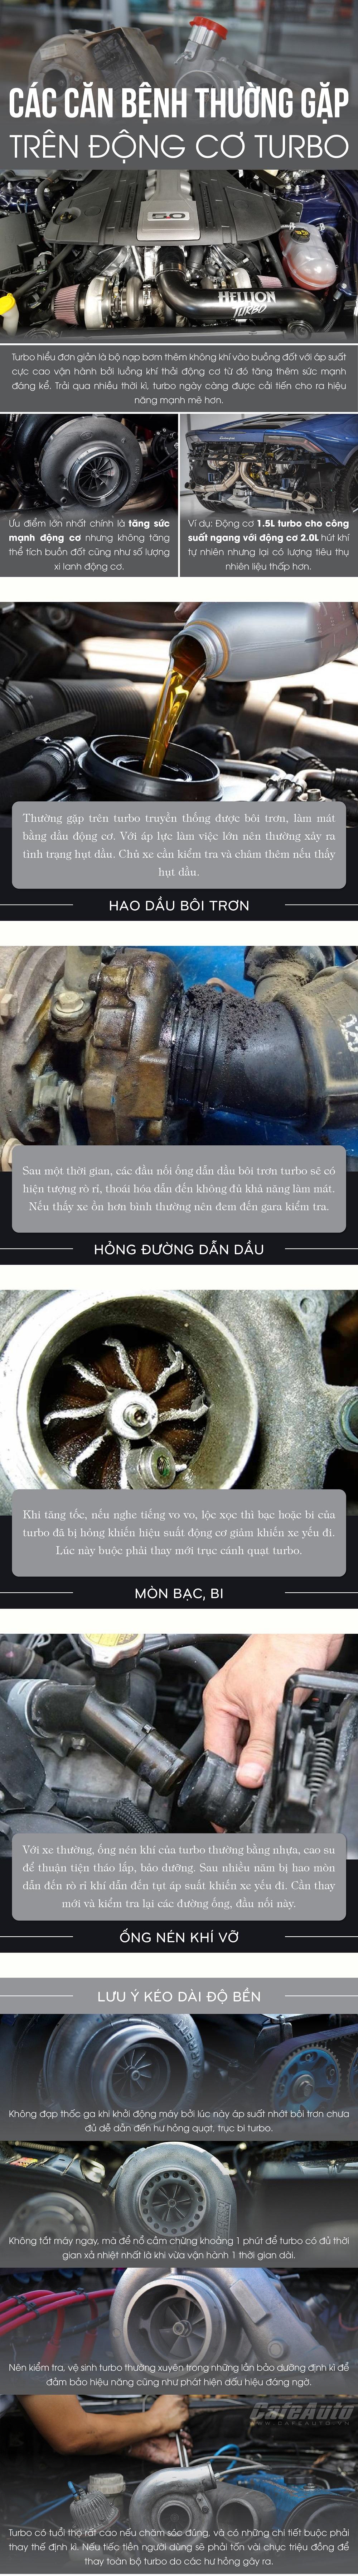 cac-can-benh-thuong-gap-tren-dong-co-turbo